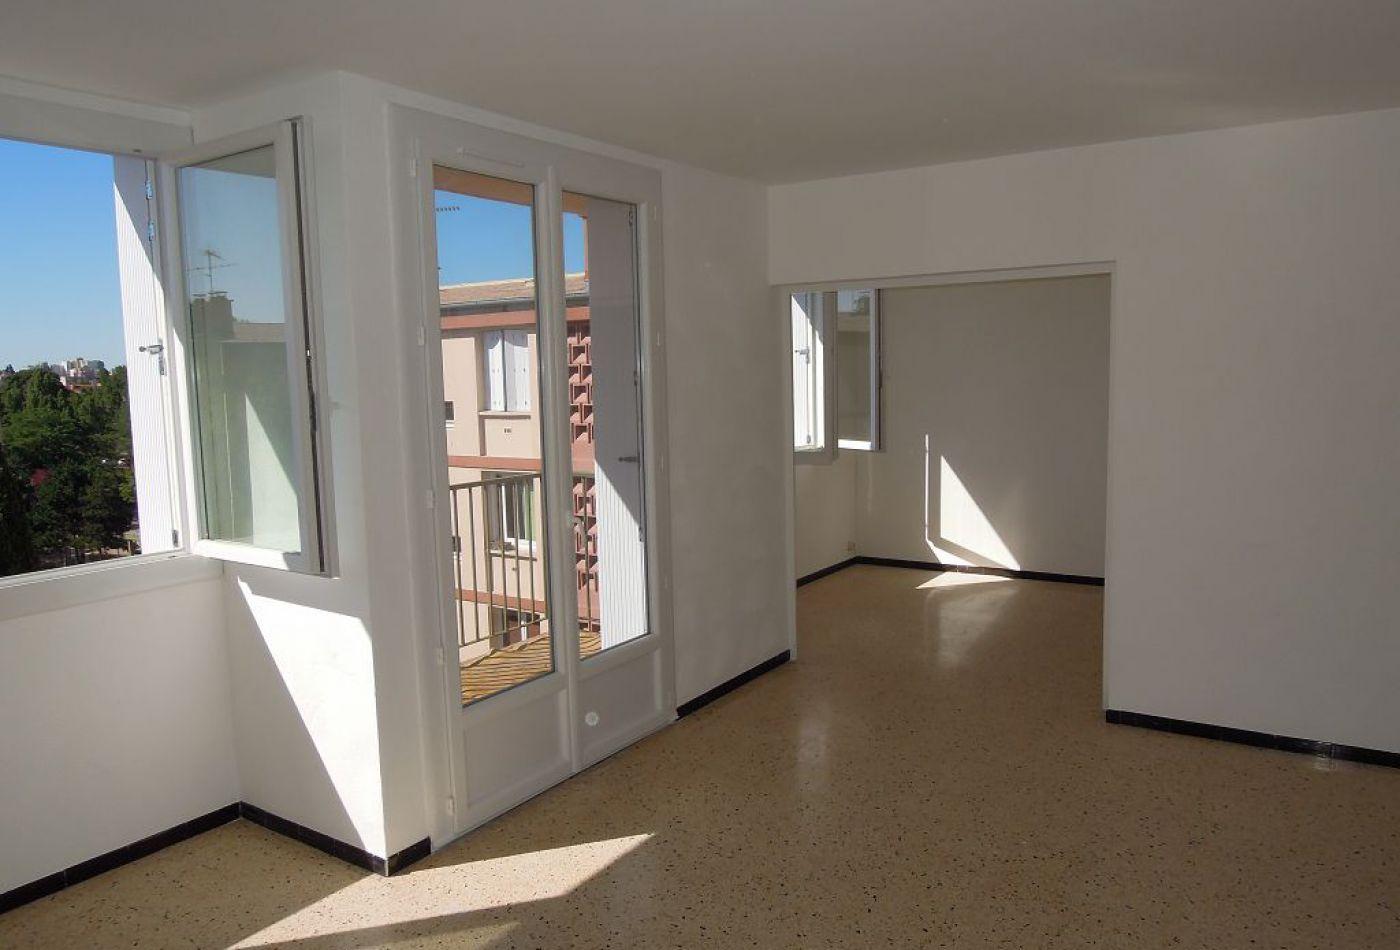 Se renseigner à propos d'un appartement en location à Montpellier